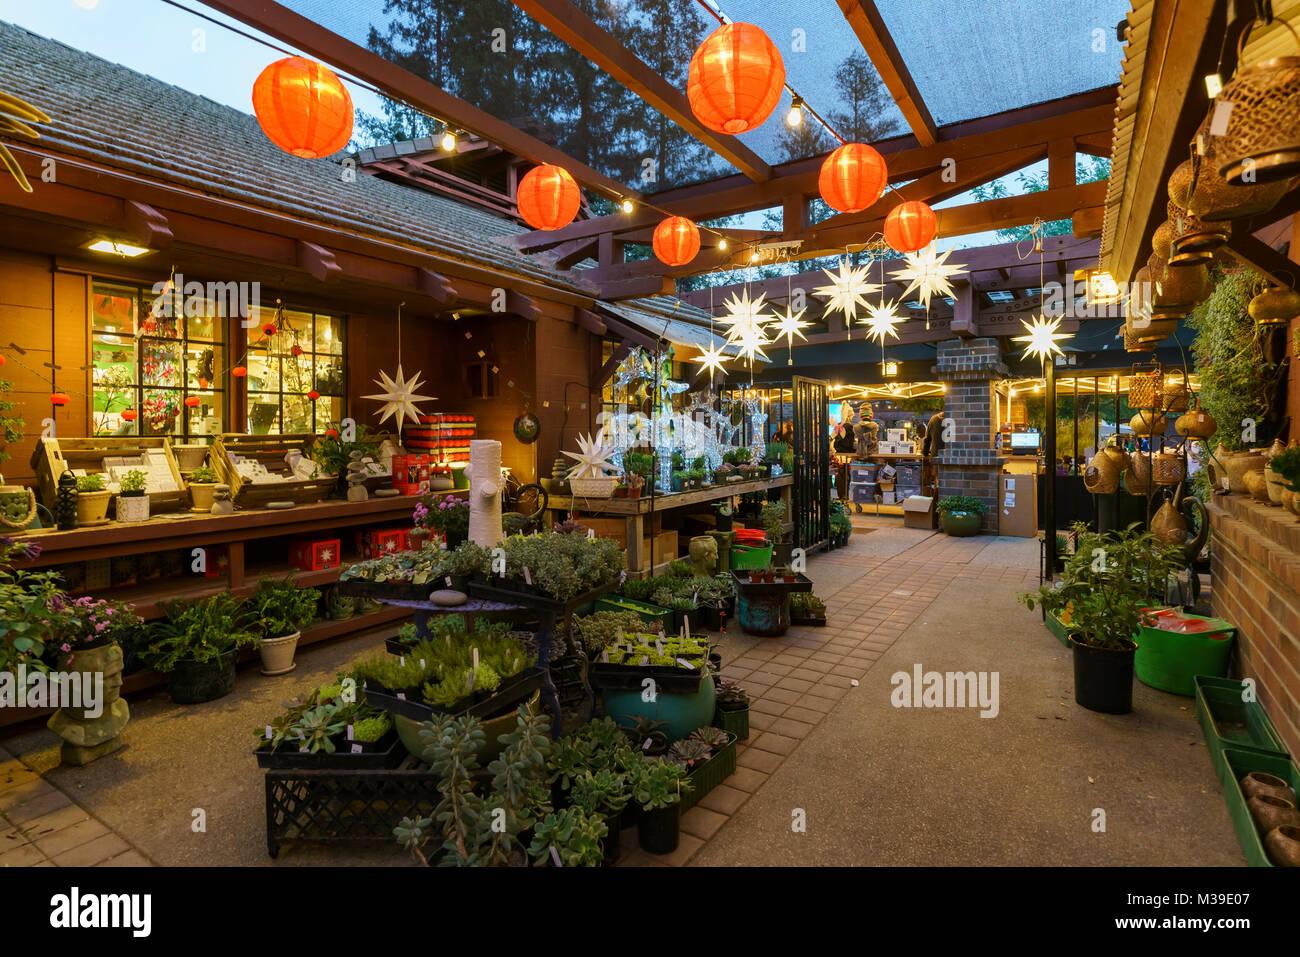 Descanso Garden Stock Photos & Descanso Garden Stock Images - Page 3 ...